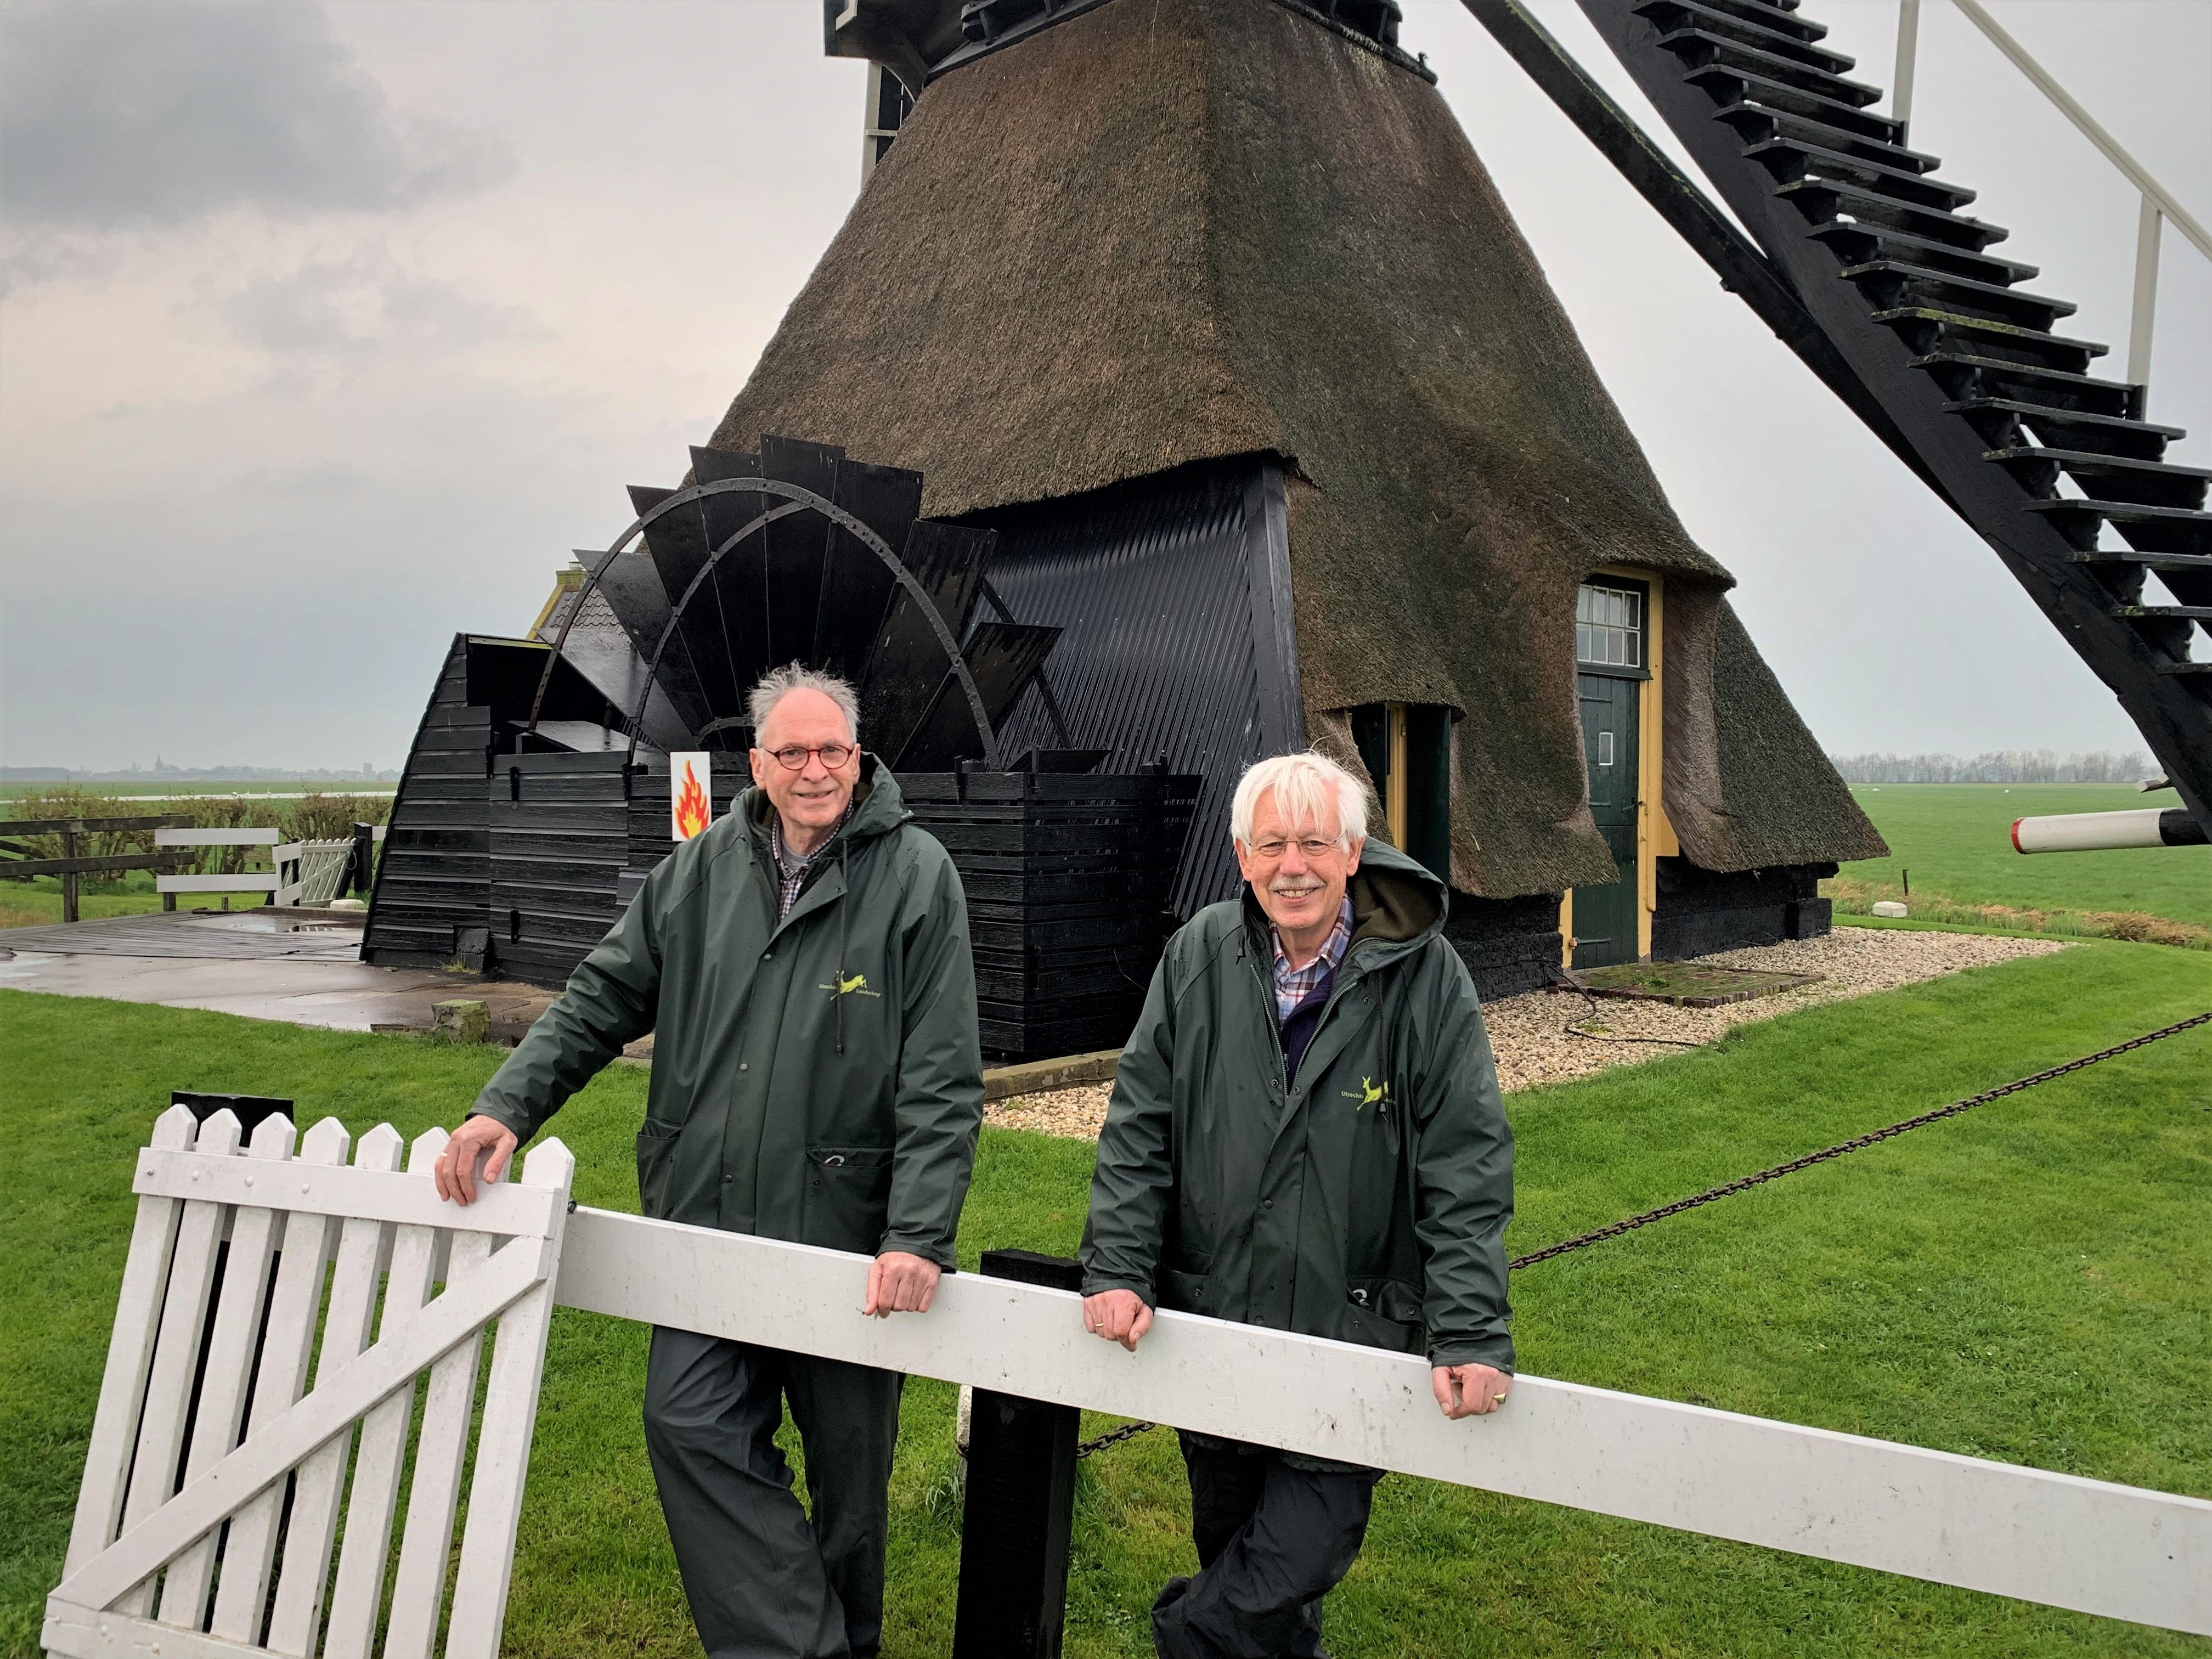 De molenaar Frans Bode (l) en Erik Stoop